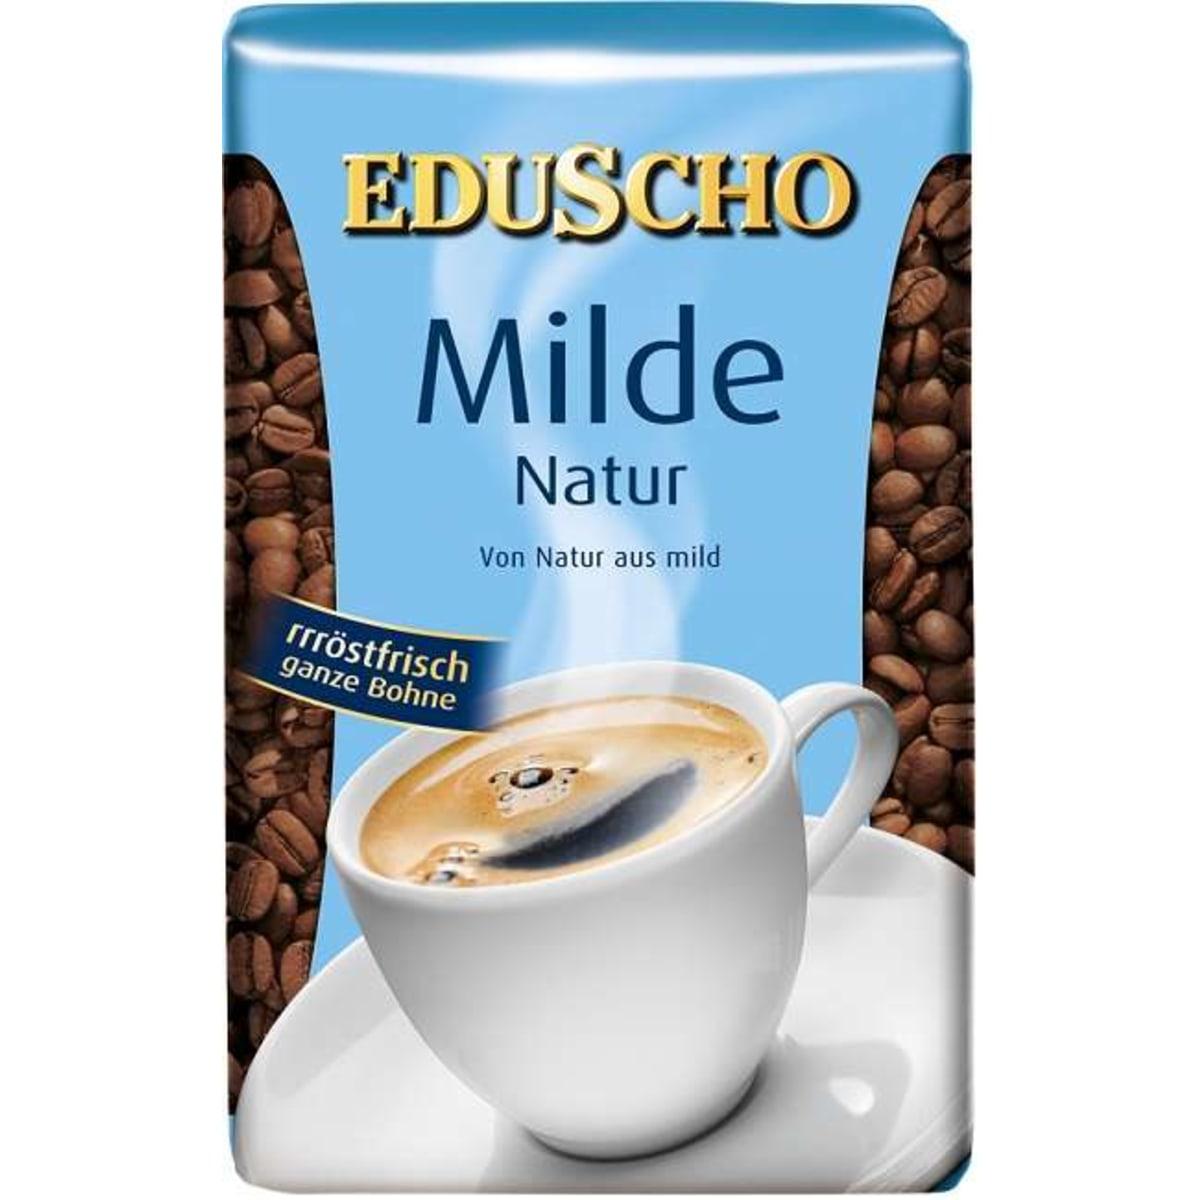 Eduscho Milde Natur Bohne